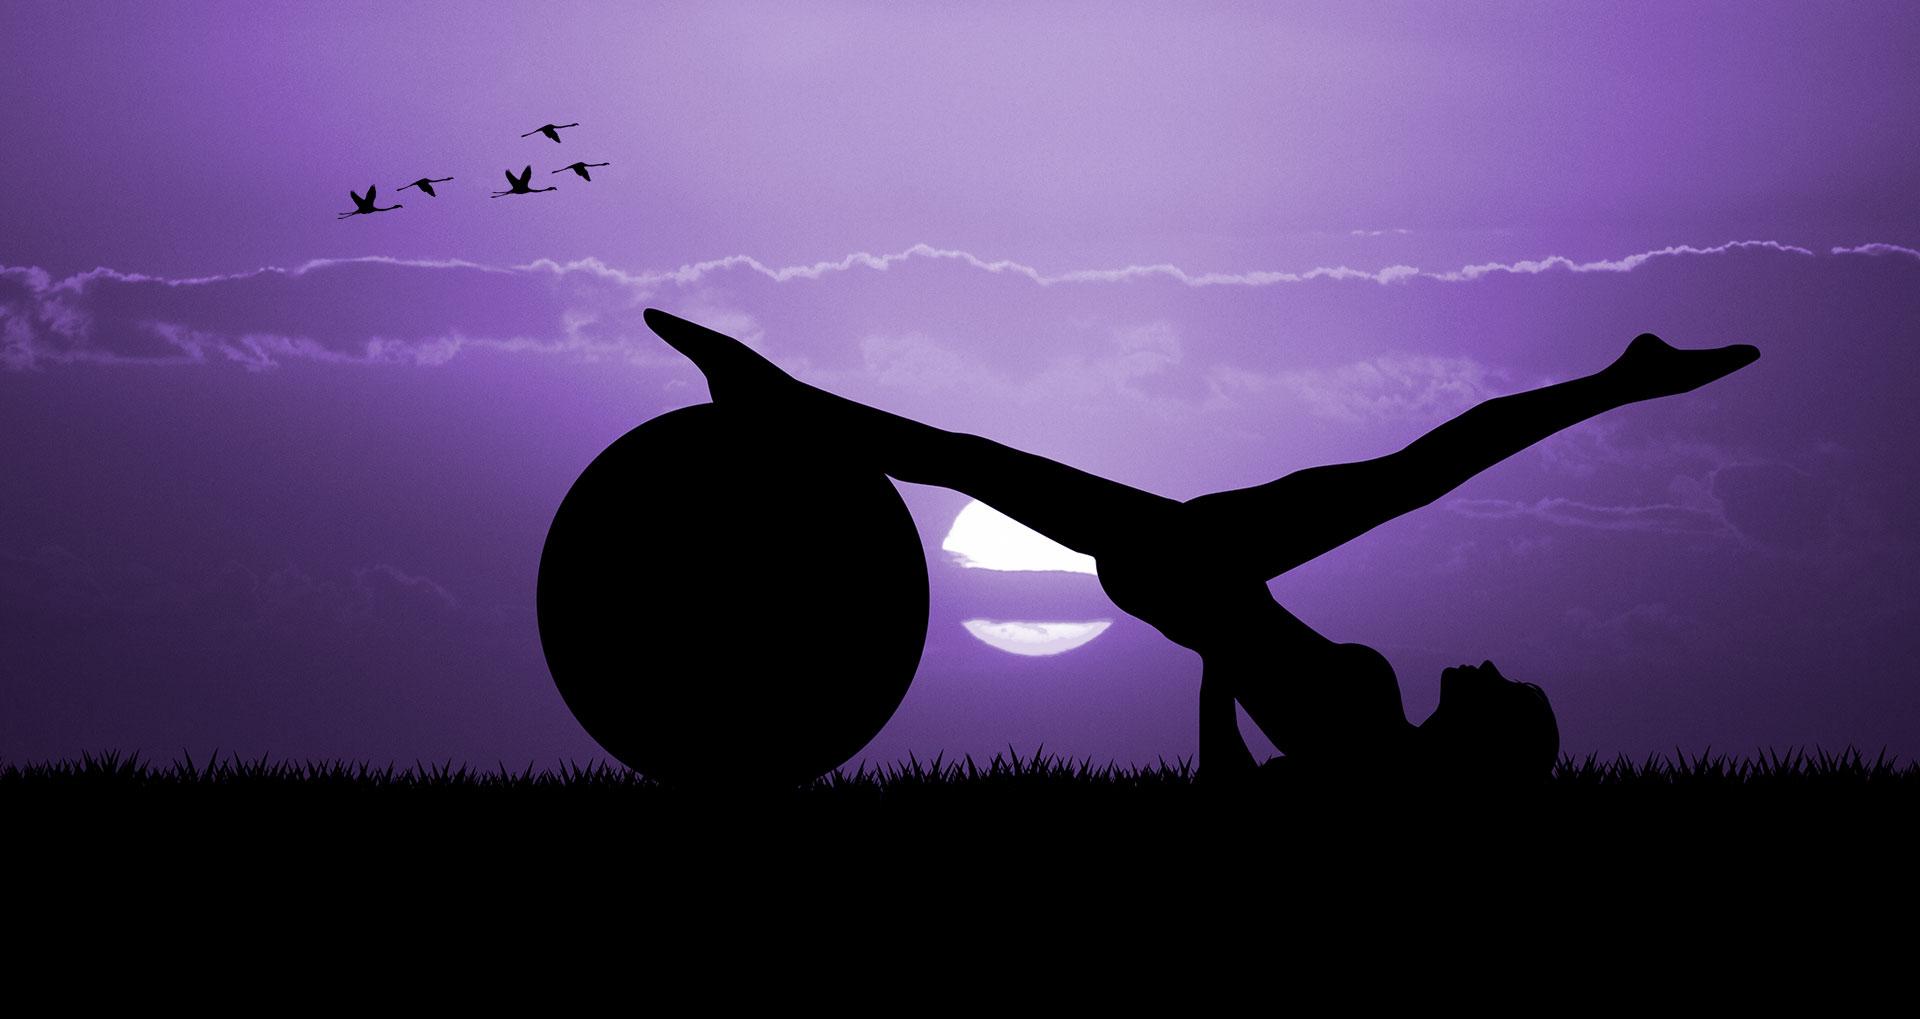 O Equilíbrio perfeito entre